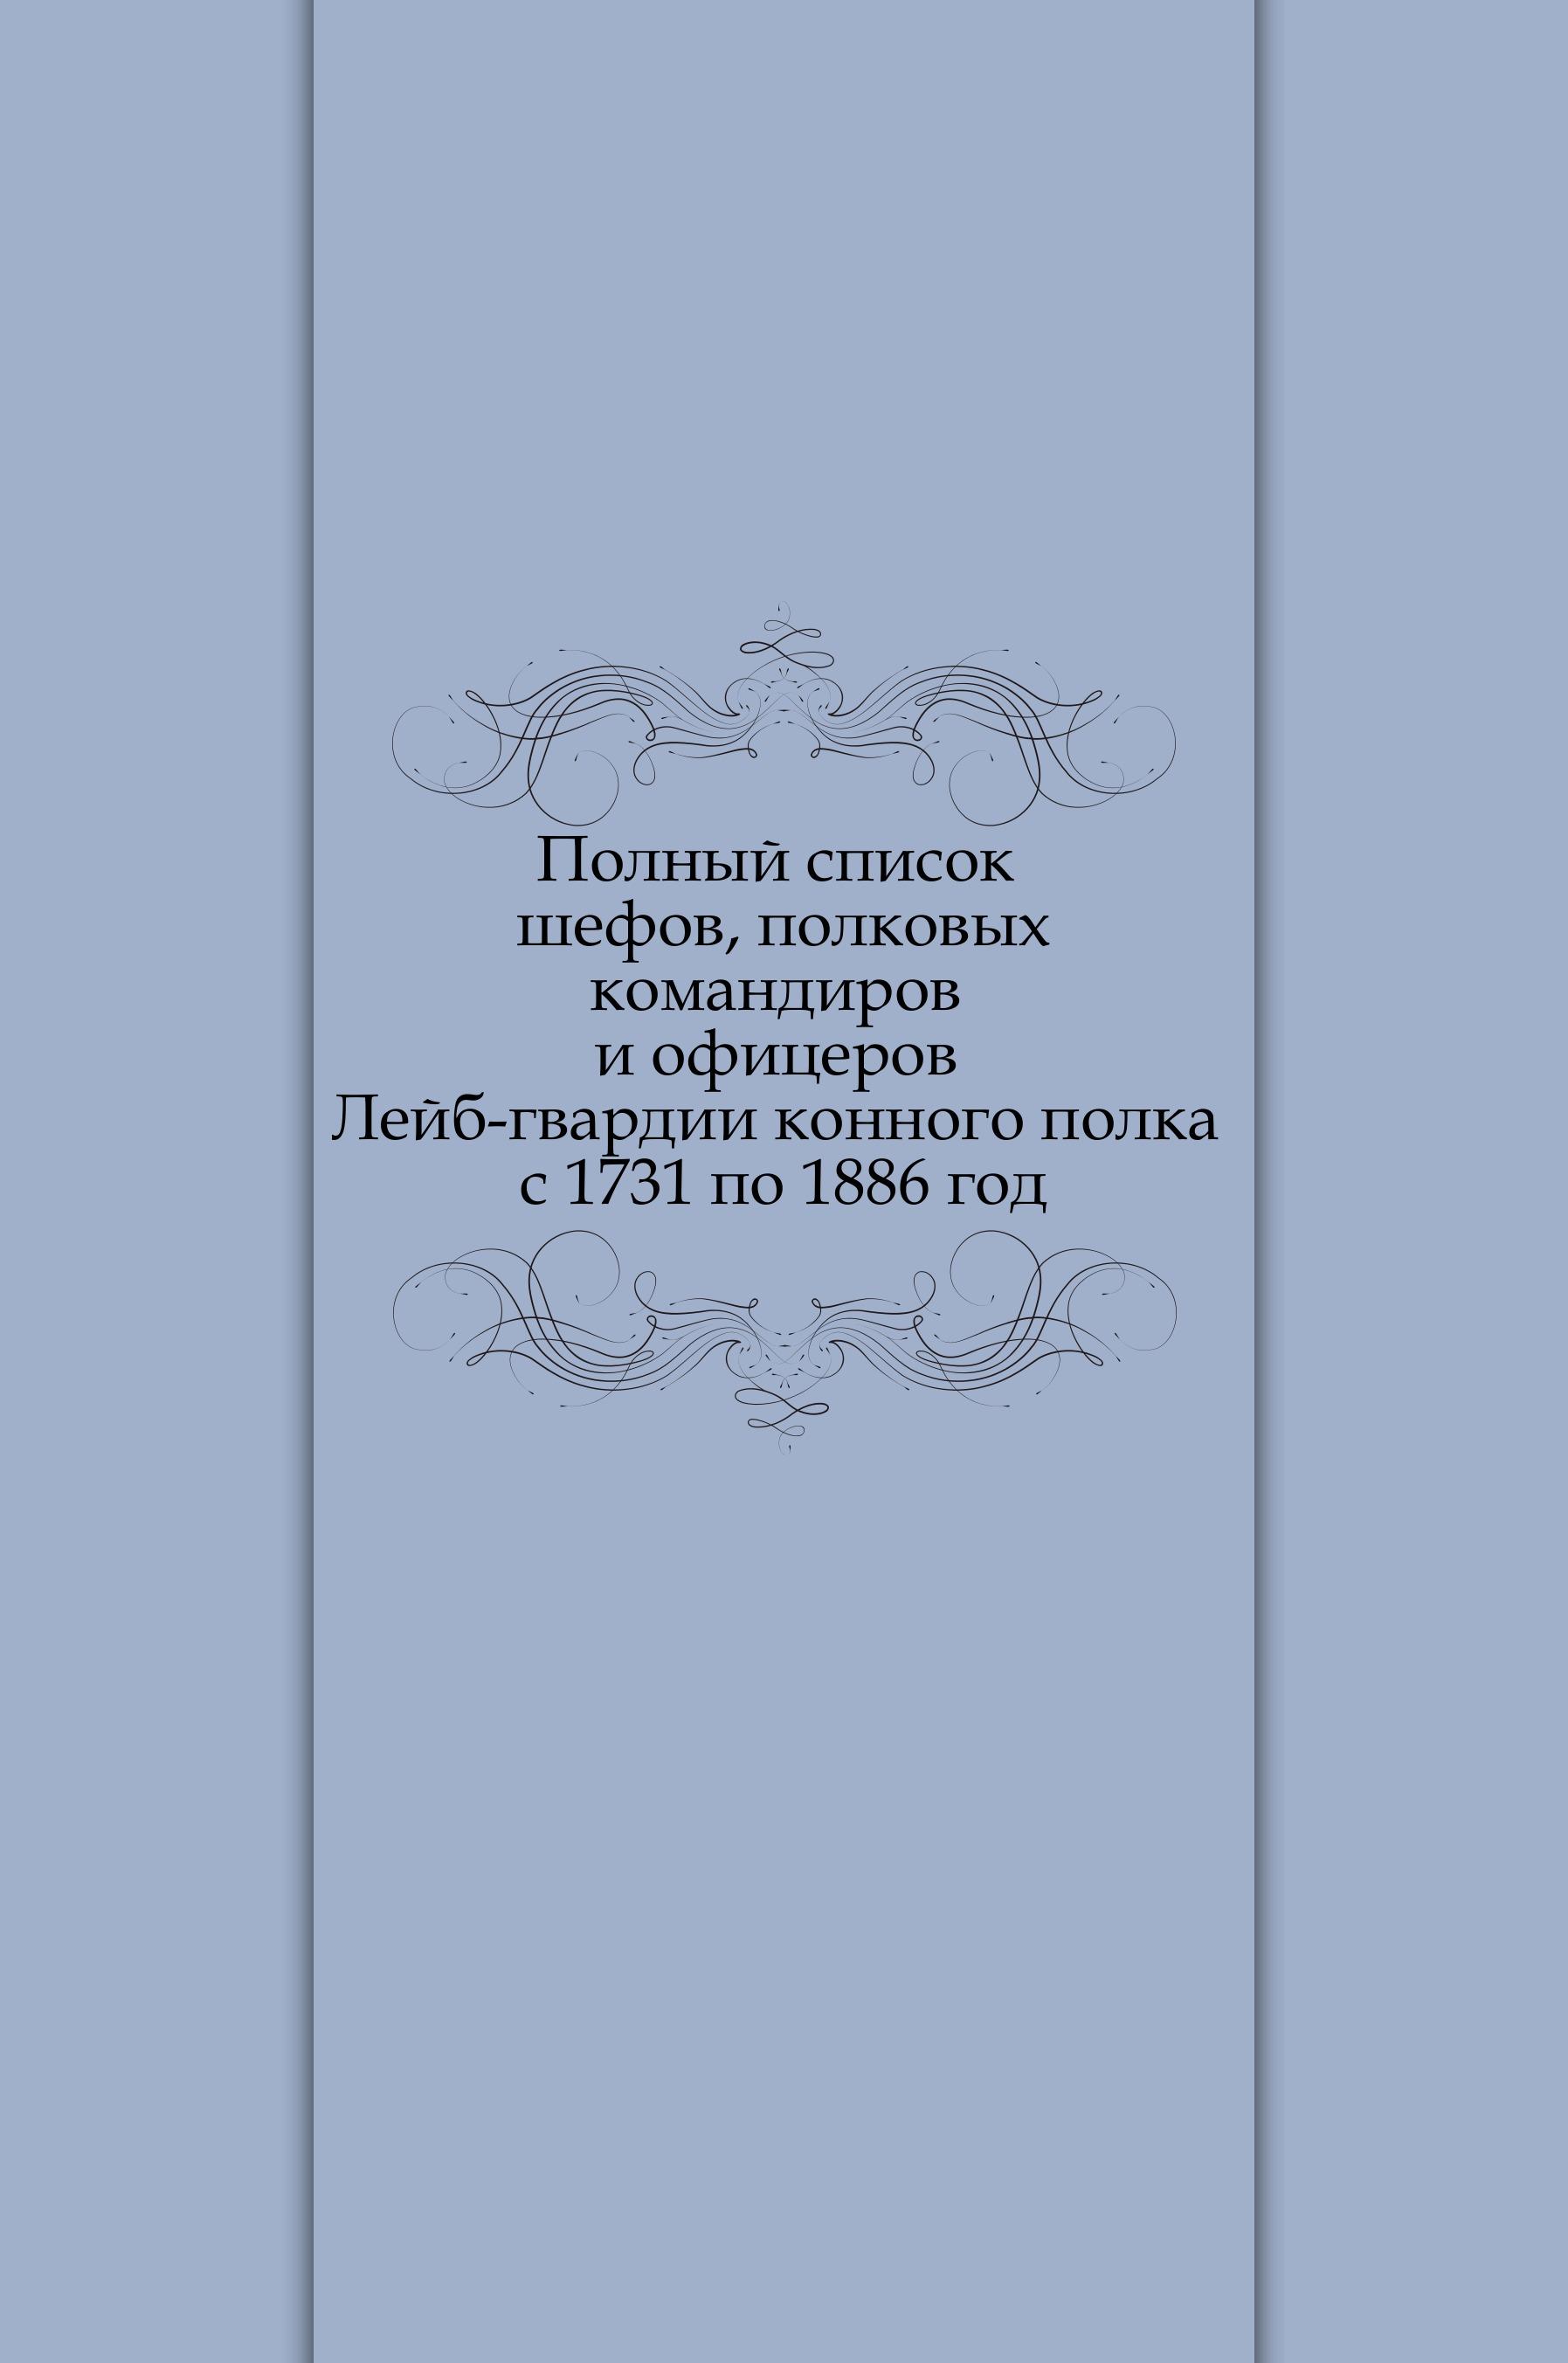 Неизвестный автор Полный список шефов, полковых командиров и офицеров Лейб-гвардии конного полка с 1731 по 1886 год неизвестный автор инструкция для исполнения внутренней службы в лейб гвардии конном полку